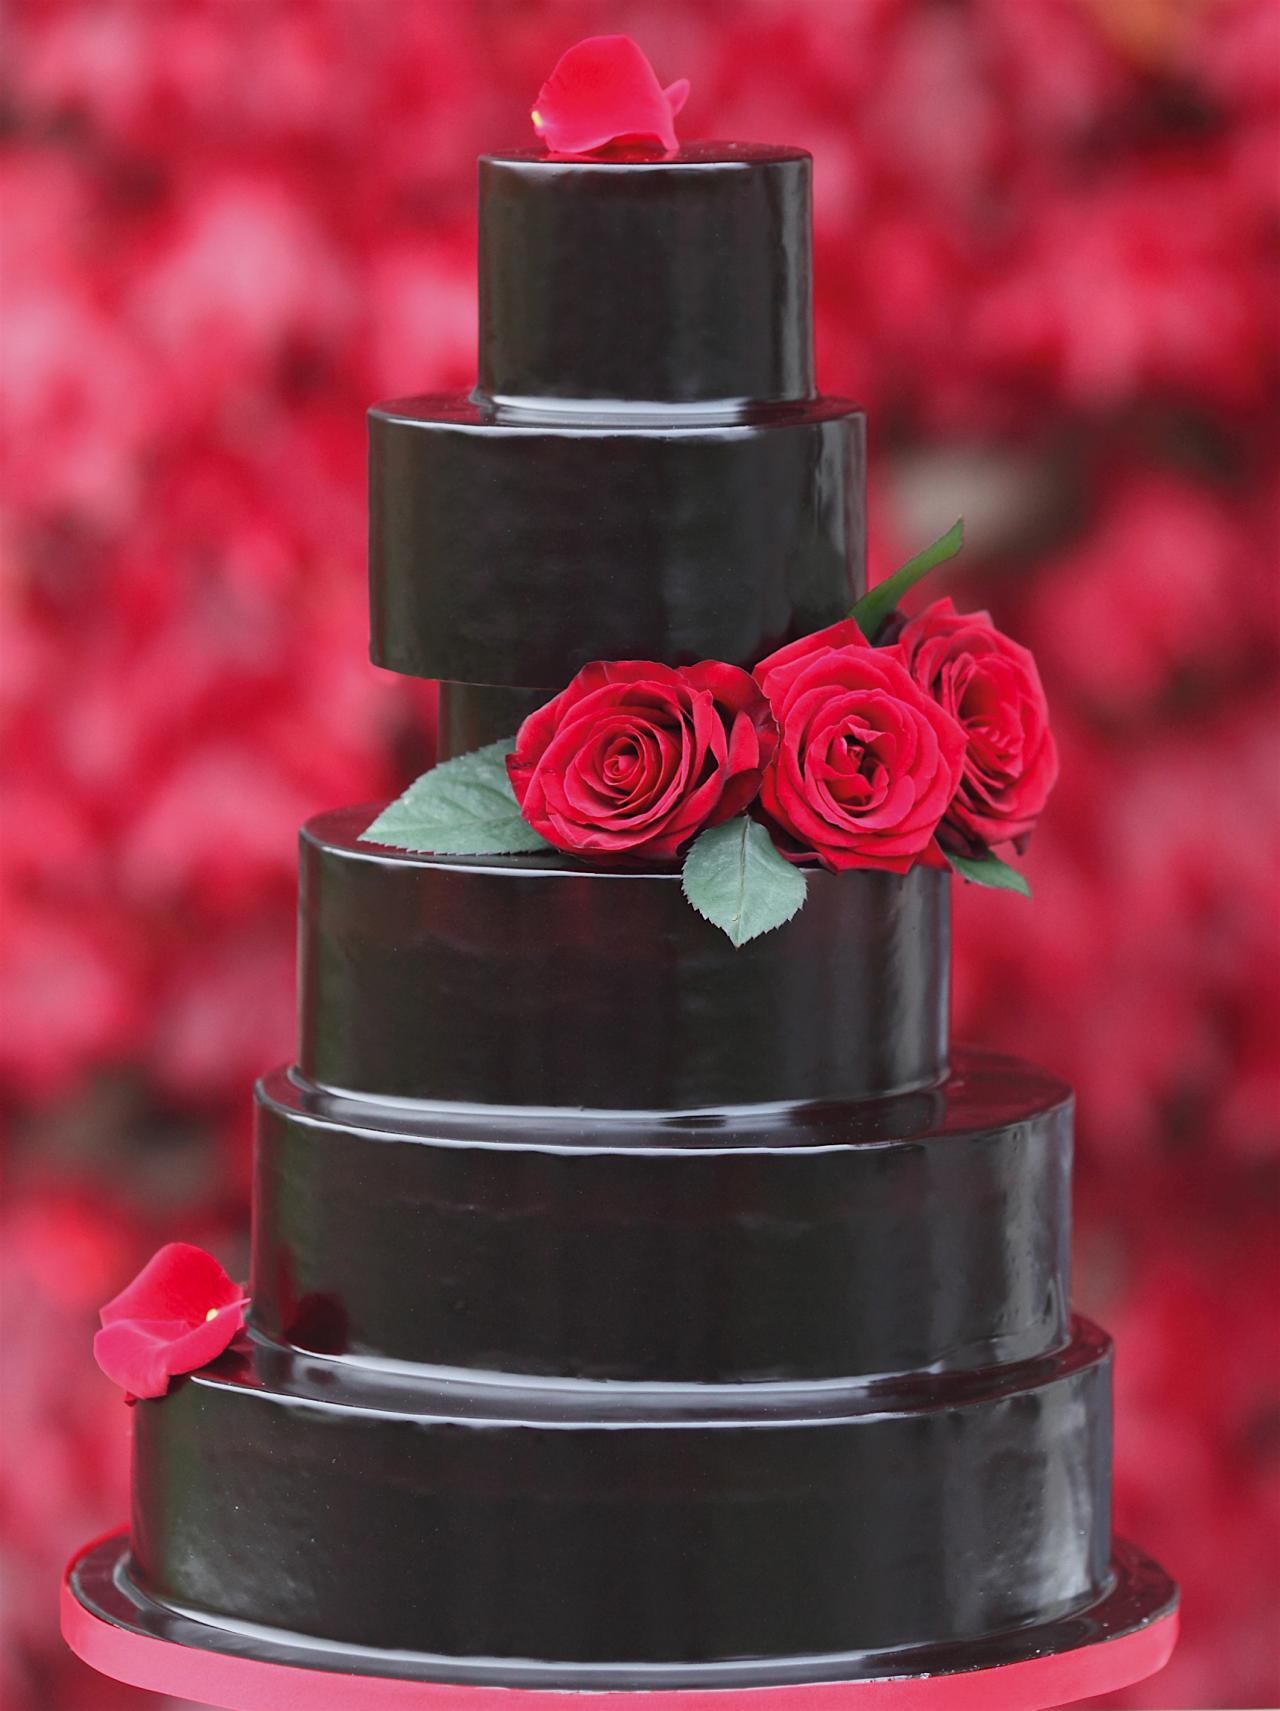 Rose glaze cake